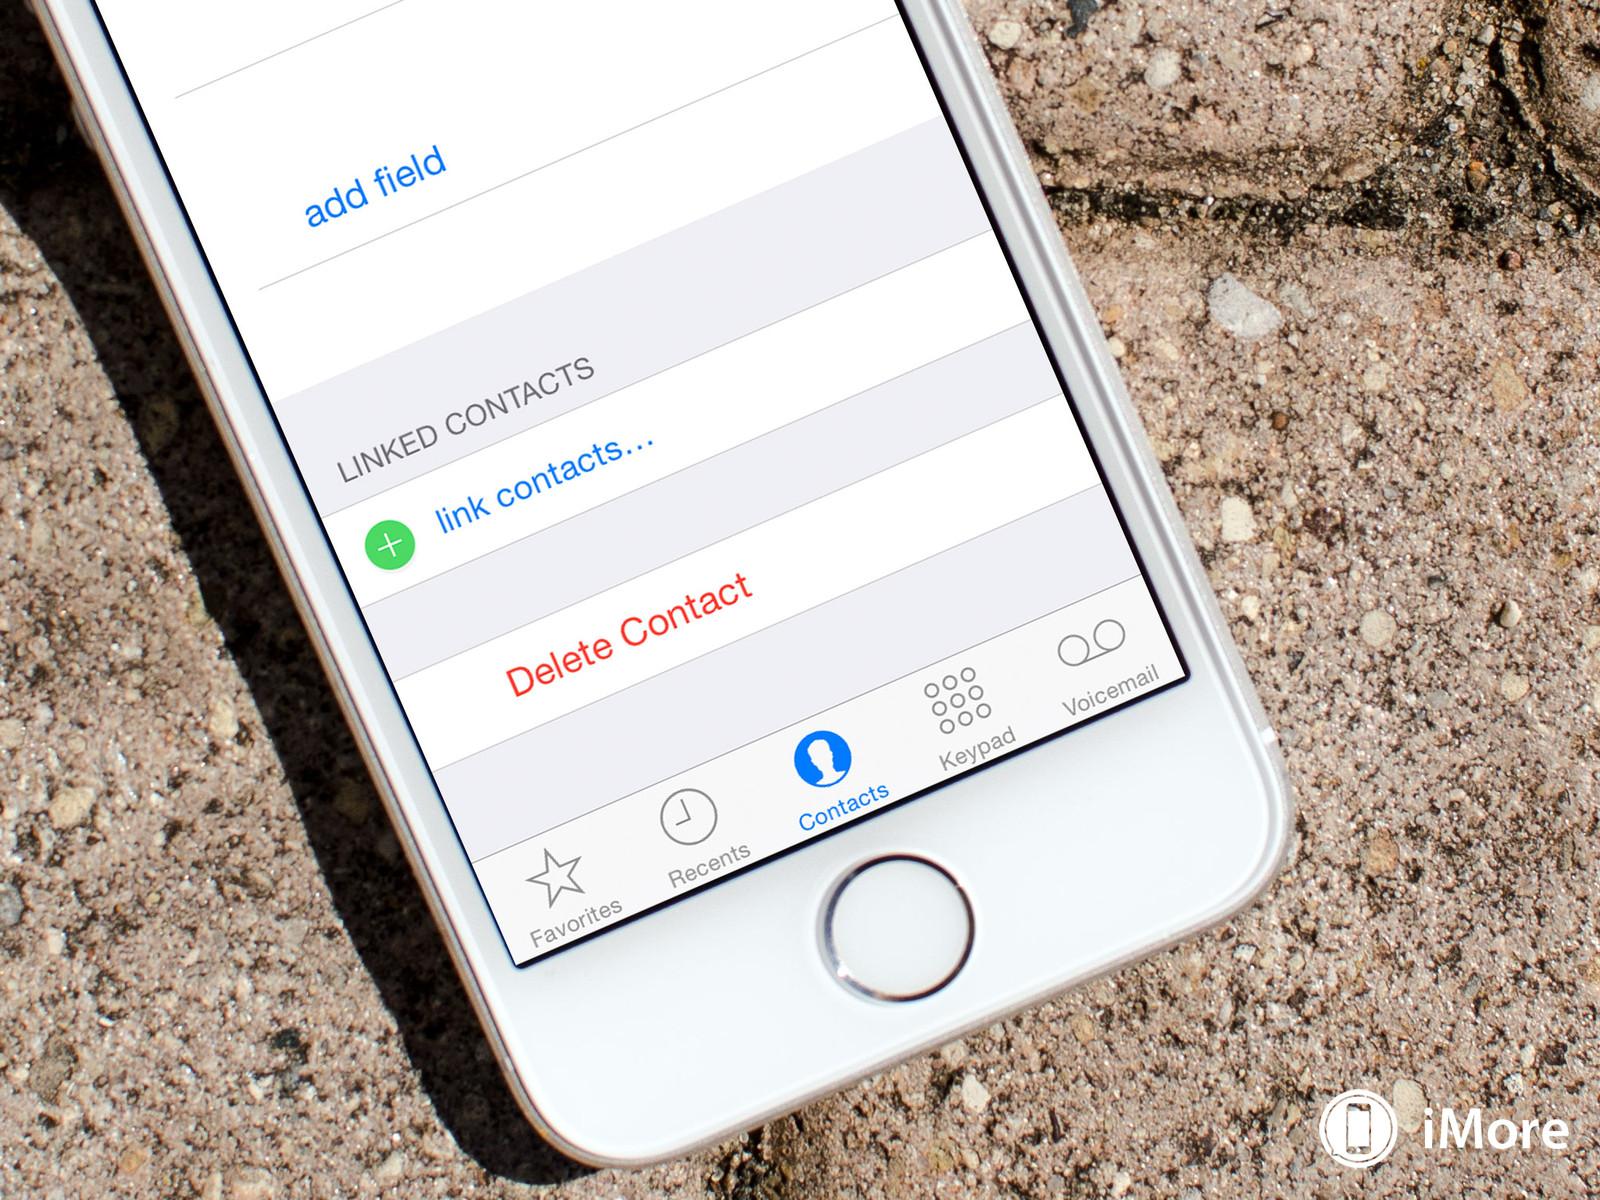 วิธีลบรายชื่อ iPhone ทีละหลายๆ ชื่อพร้อมกัน หรือลบทั้งหมด ง่ายนิดเดียว